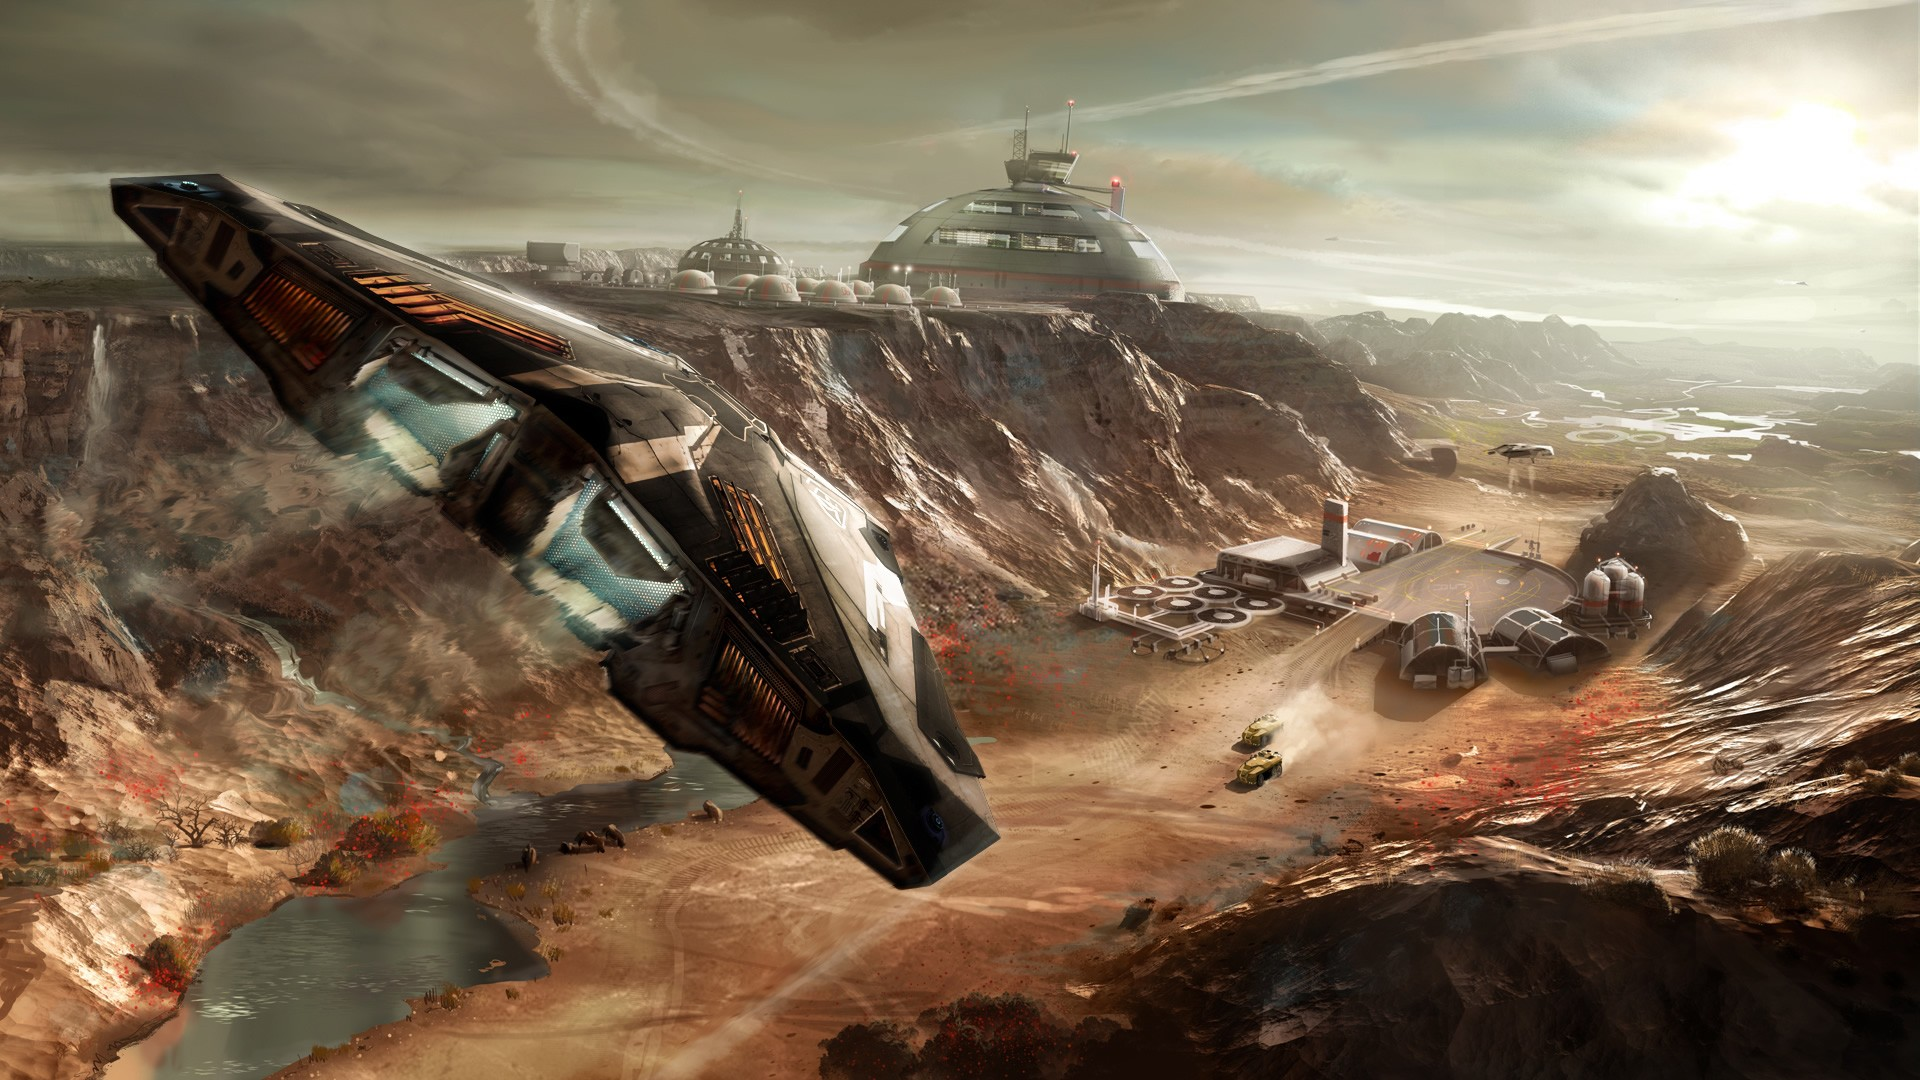 General 1920x1080 Elite Elite: Dangerous space video games Cobra MKIII